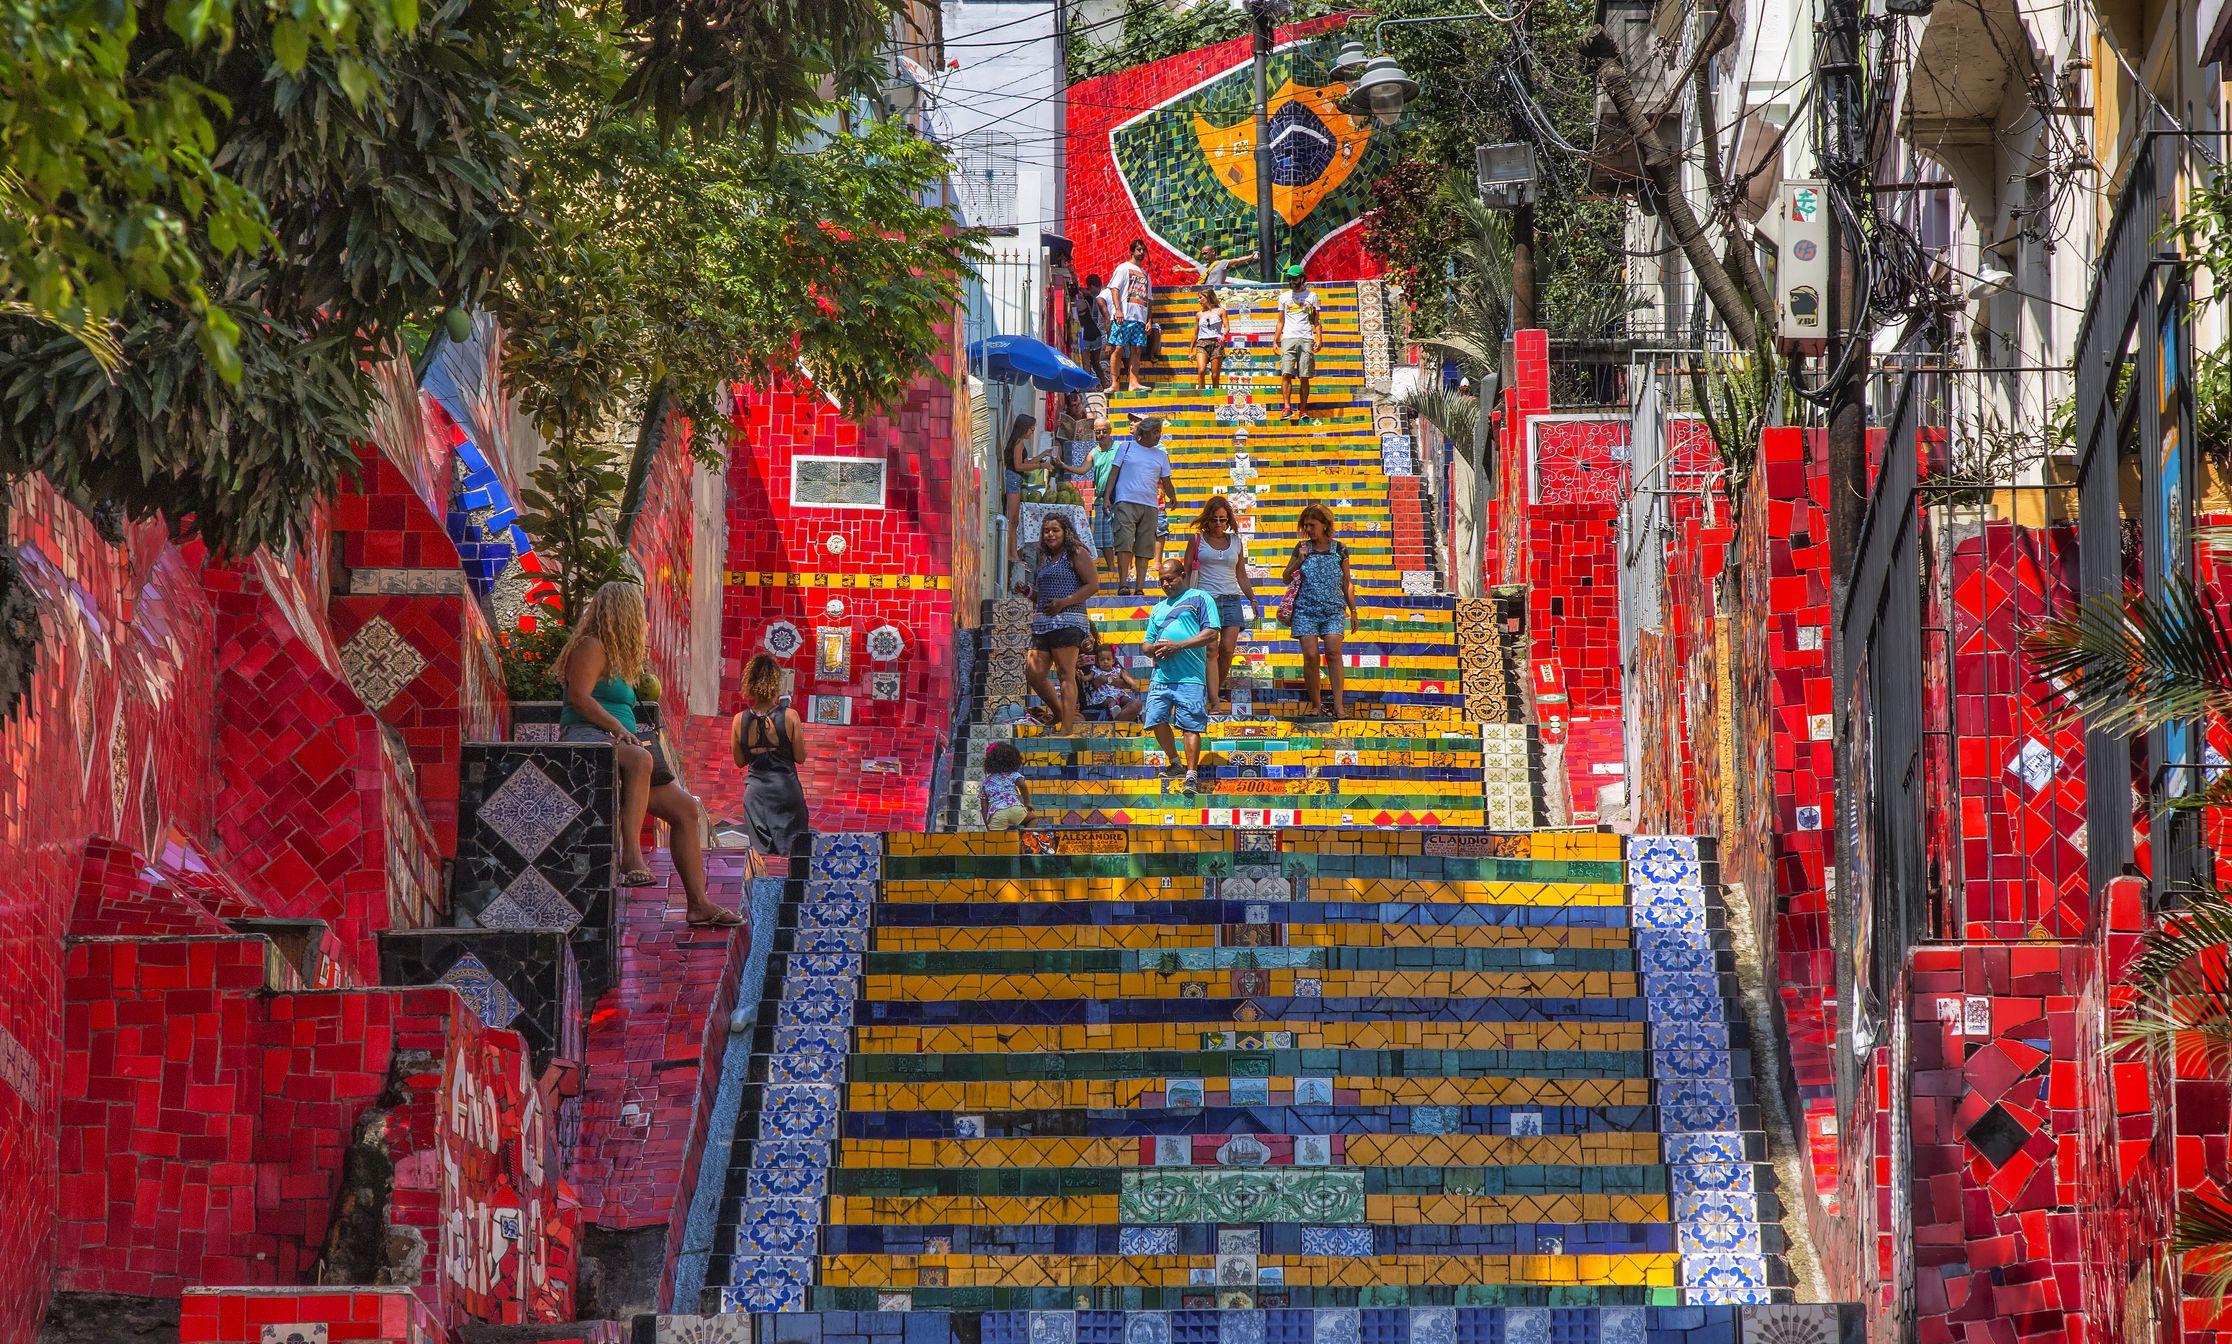 Selaron stairs in Rio de Janeiro